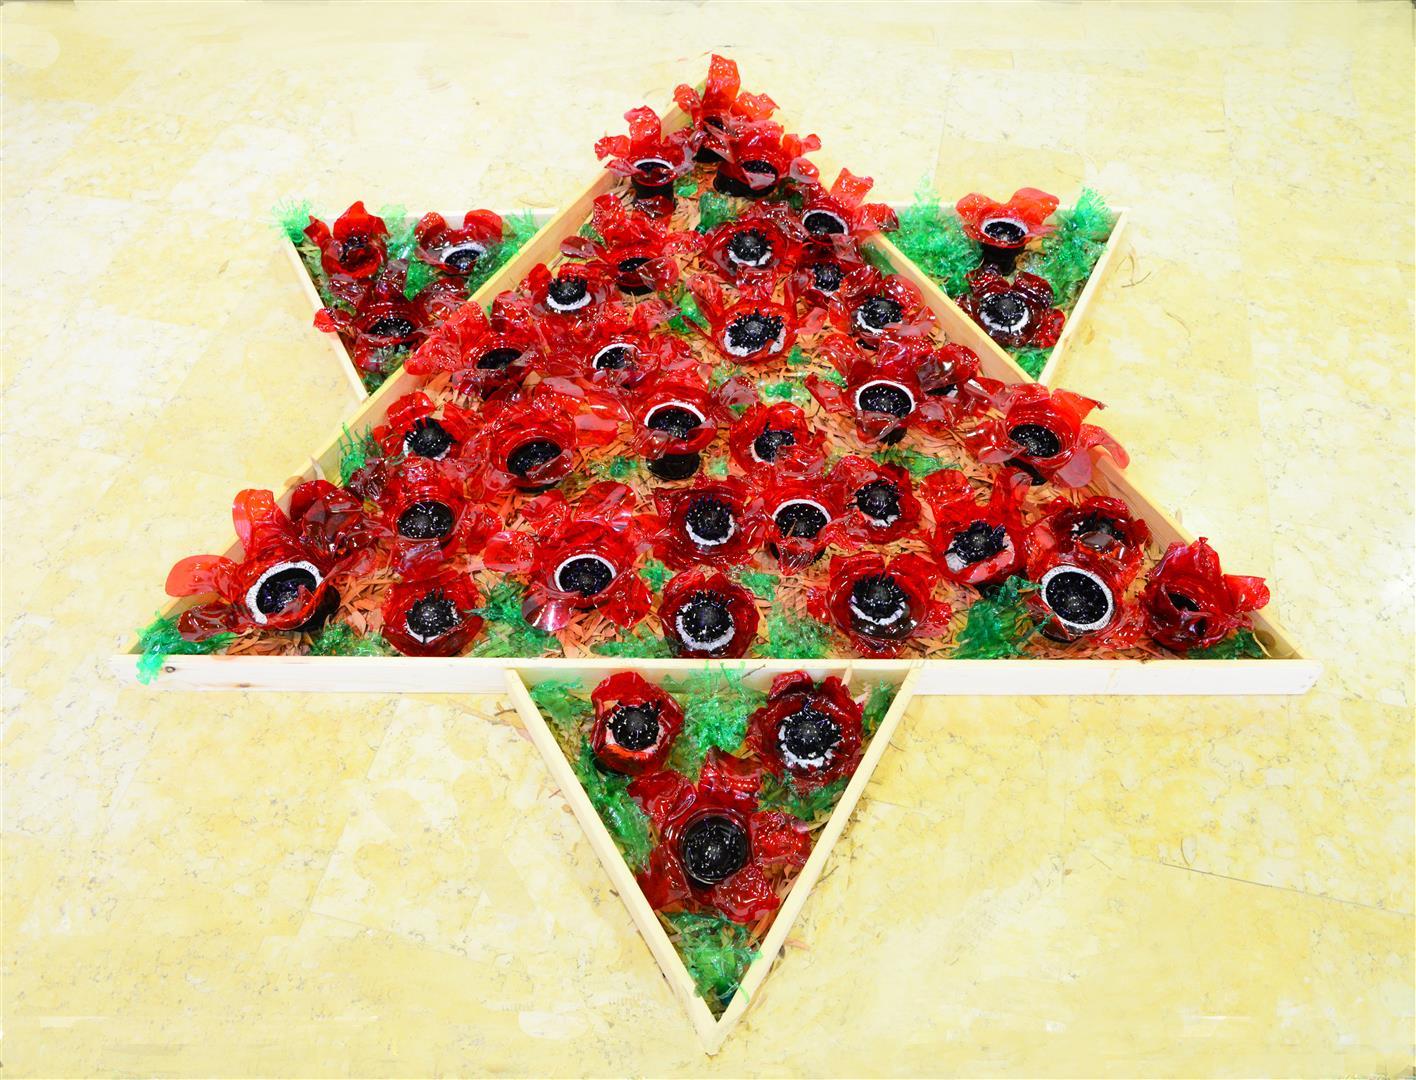 מגן דוד עם כלניות אדומות מבקבוקי פלסטיק בשימוש חוזר - אמנות אקולוגית עם מסר סביבתי